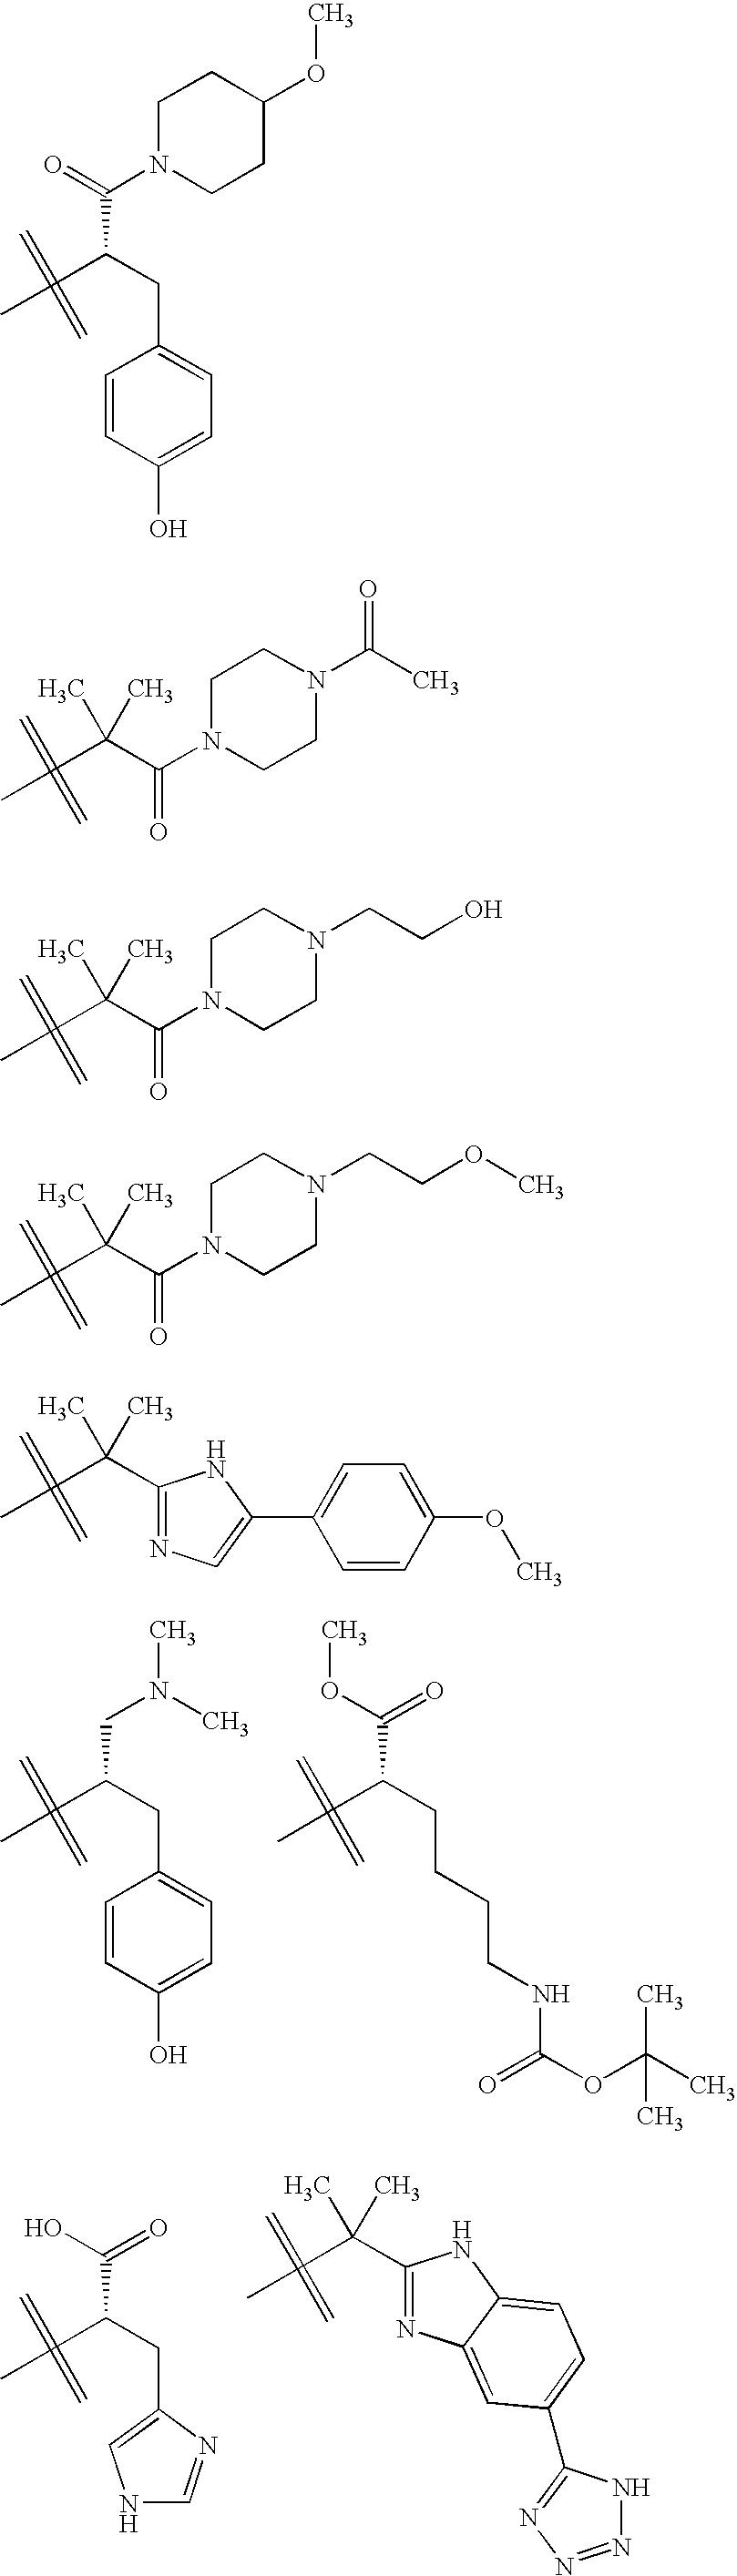 Figure US20070049593A1-20070301-C00182